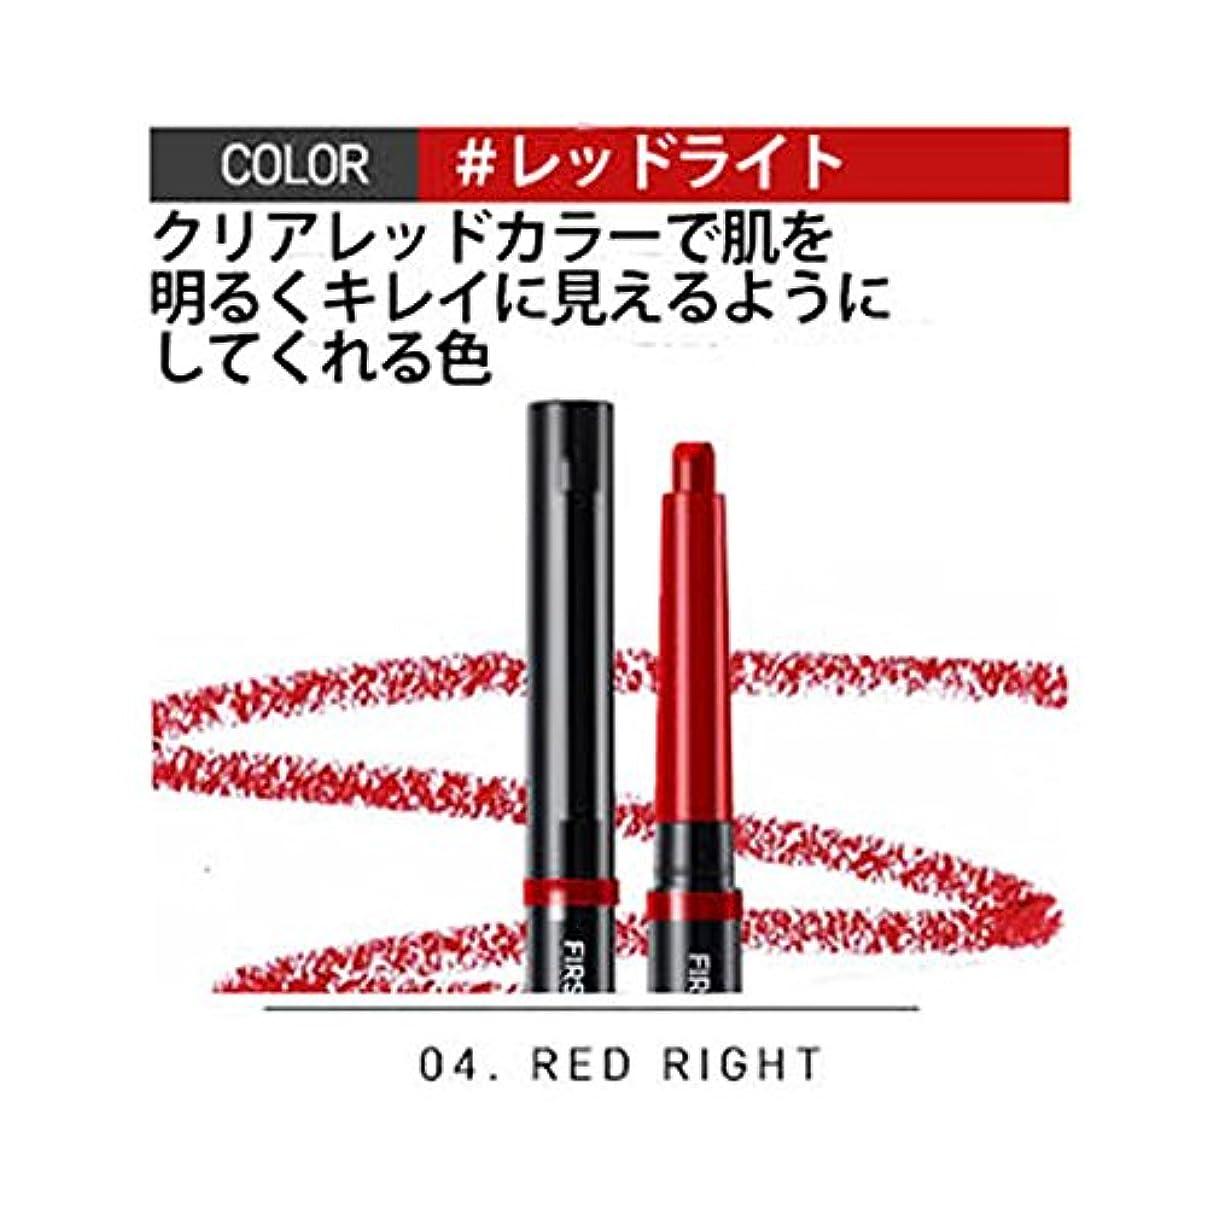 折ランドリー巨大な[G9SKIN/G9スキン] First Blending Pencil/ファーストブレンディングペンシル リップスティック 口紅 リップ リップメイク メイクアップ 化粧品 コスメ (RED RIGHT)